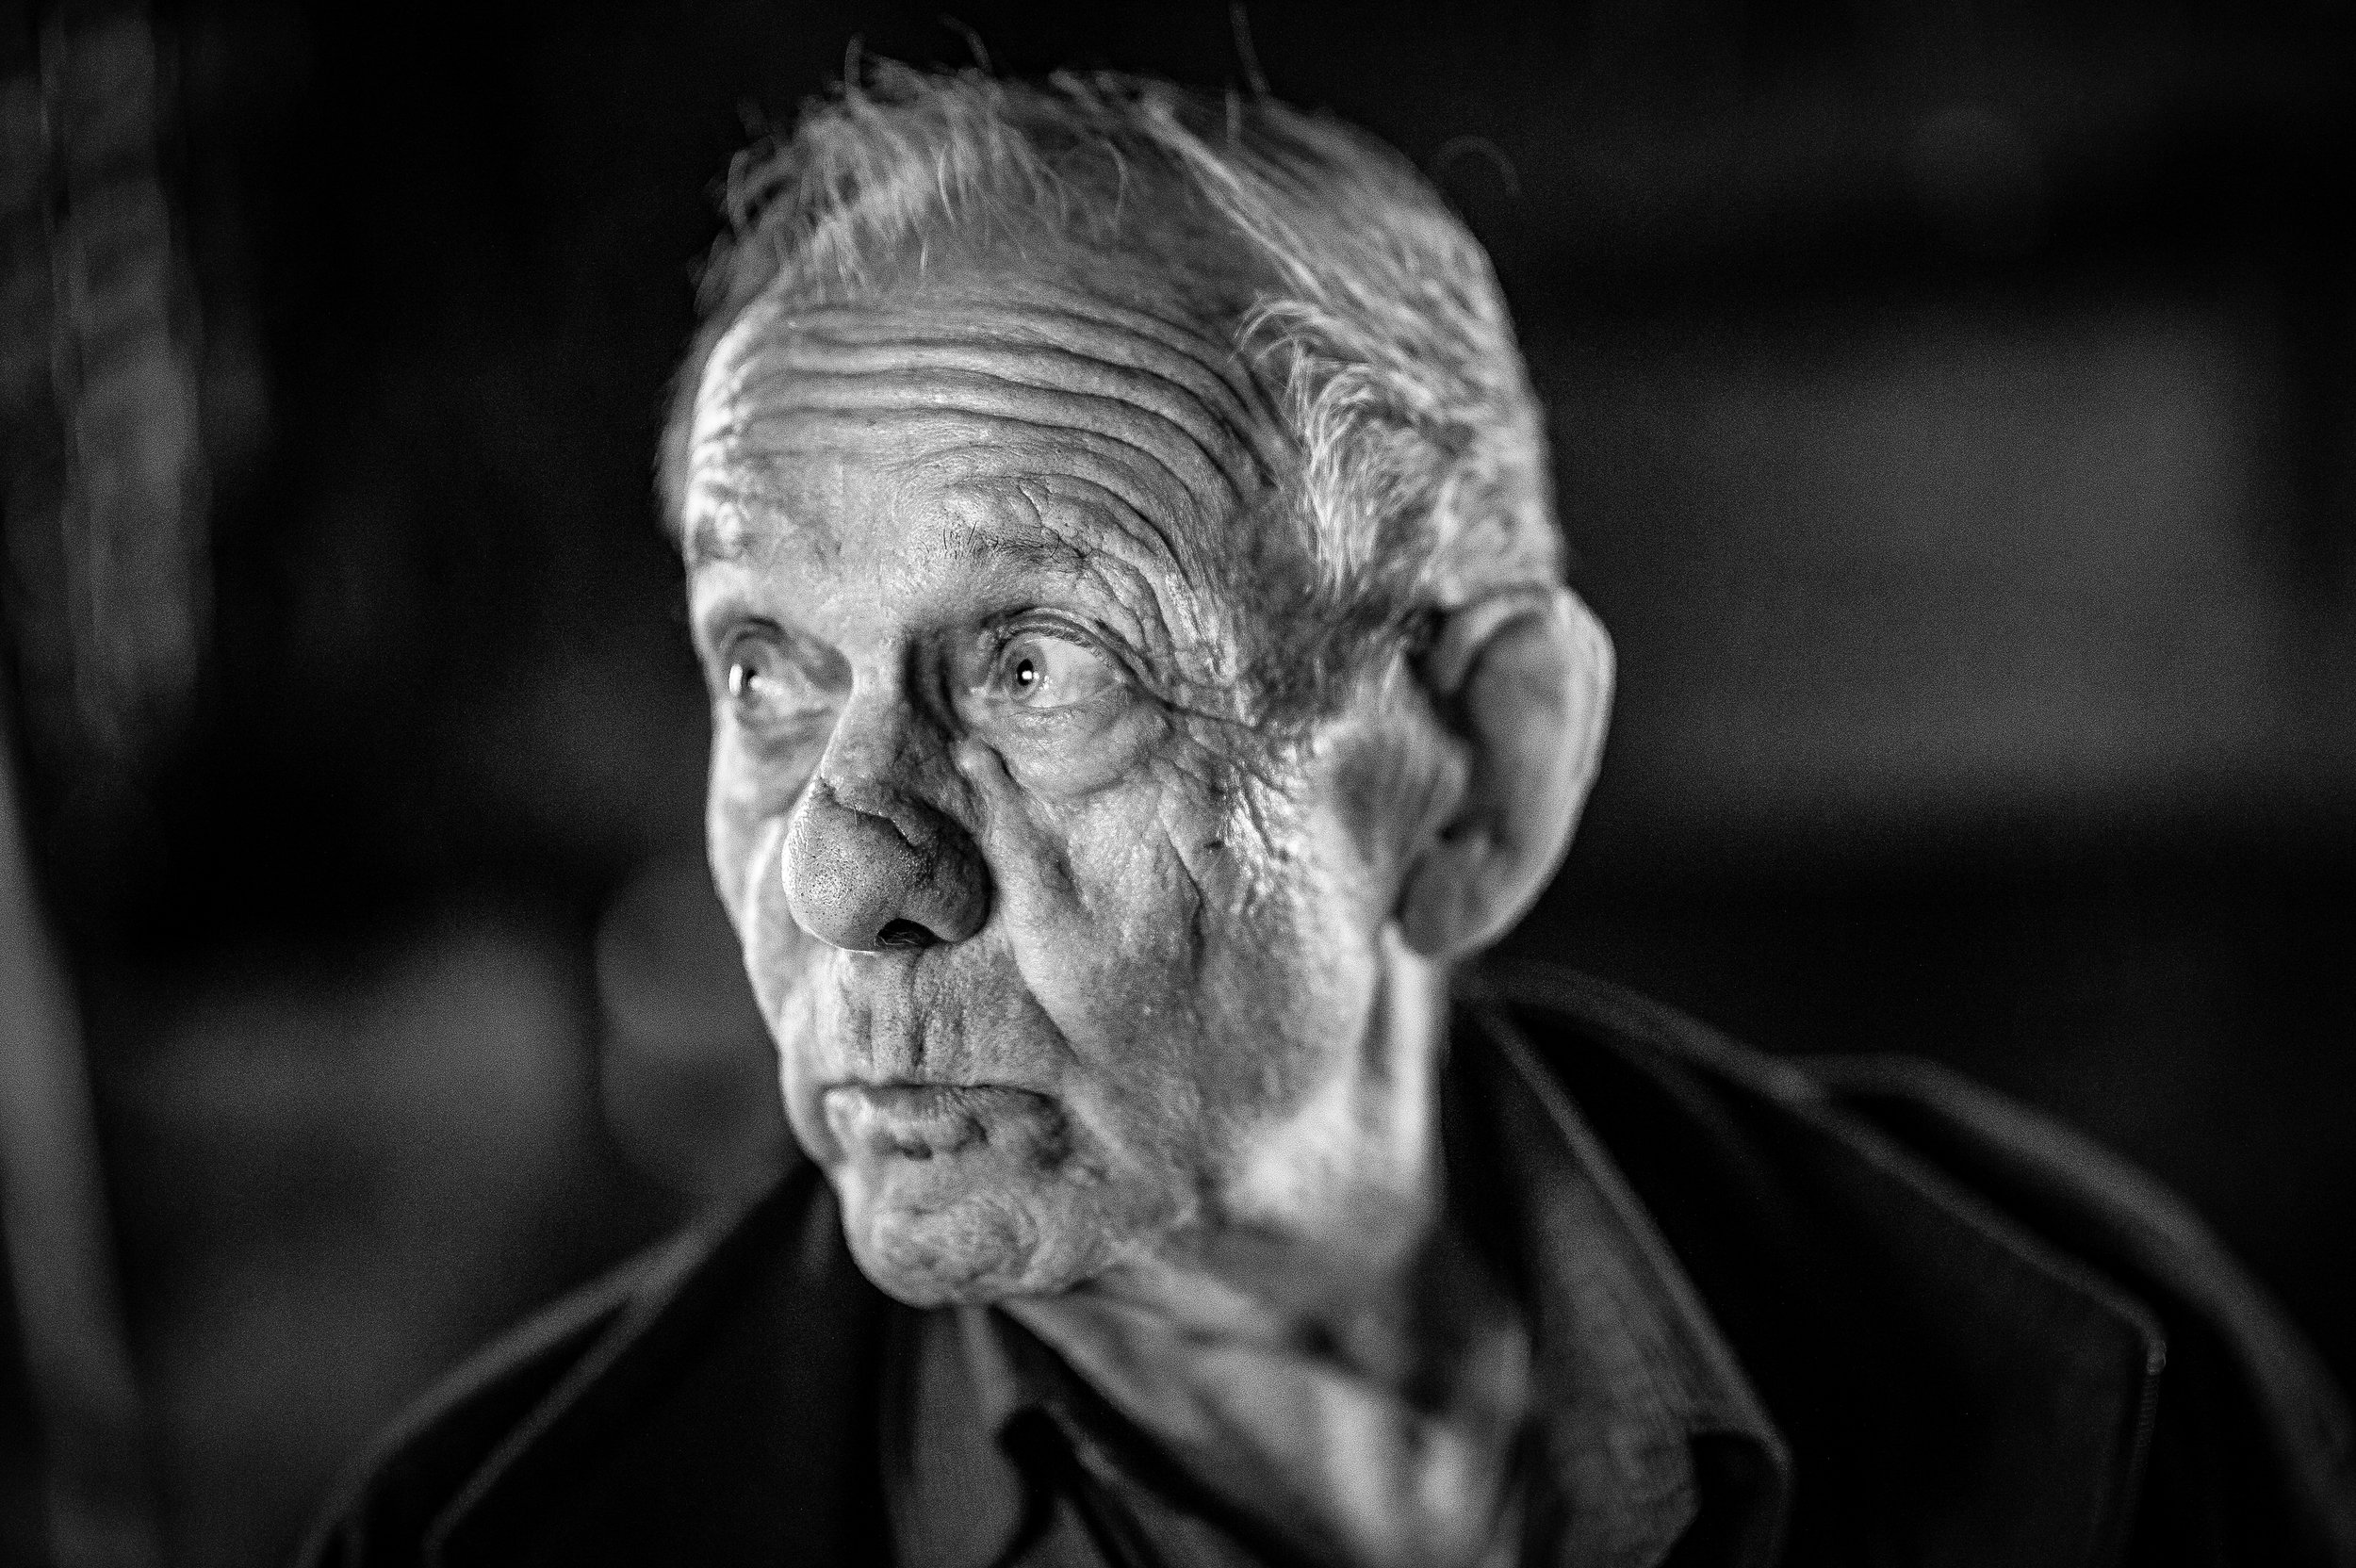 Portrait_Schwarzweiss_Fotografie- Bildniss_Dennis-Savini